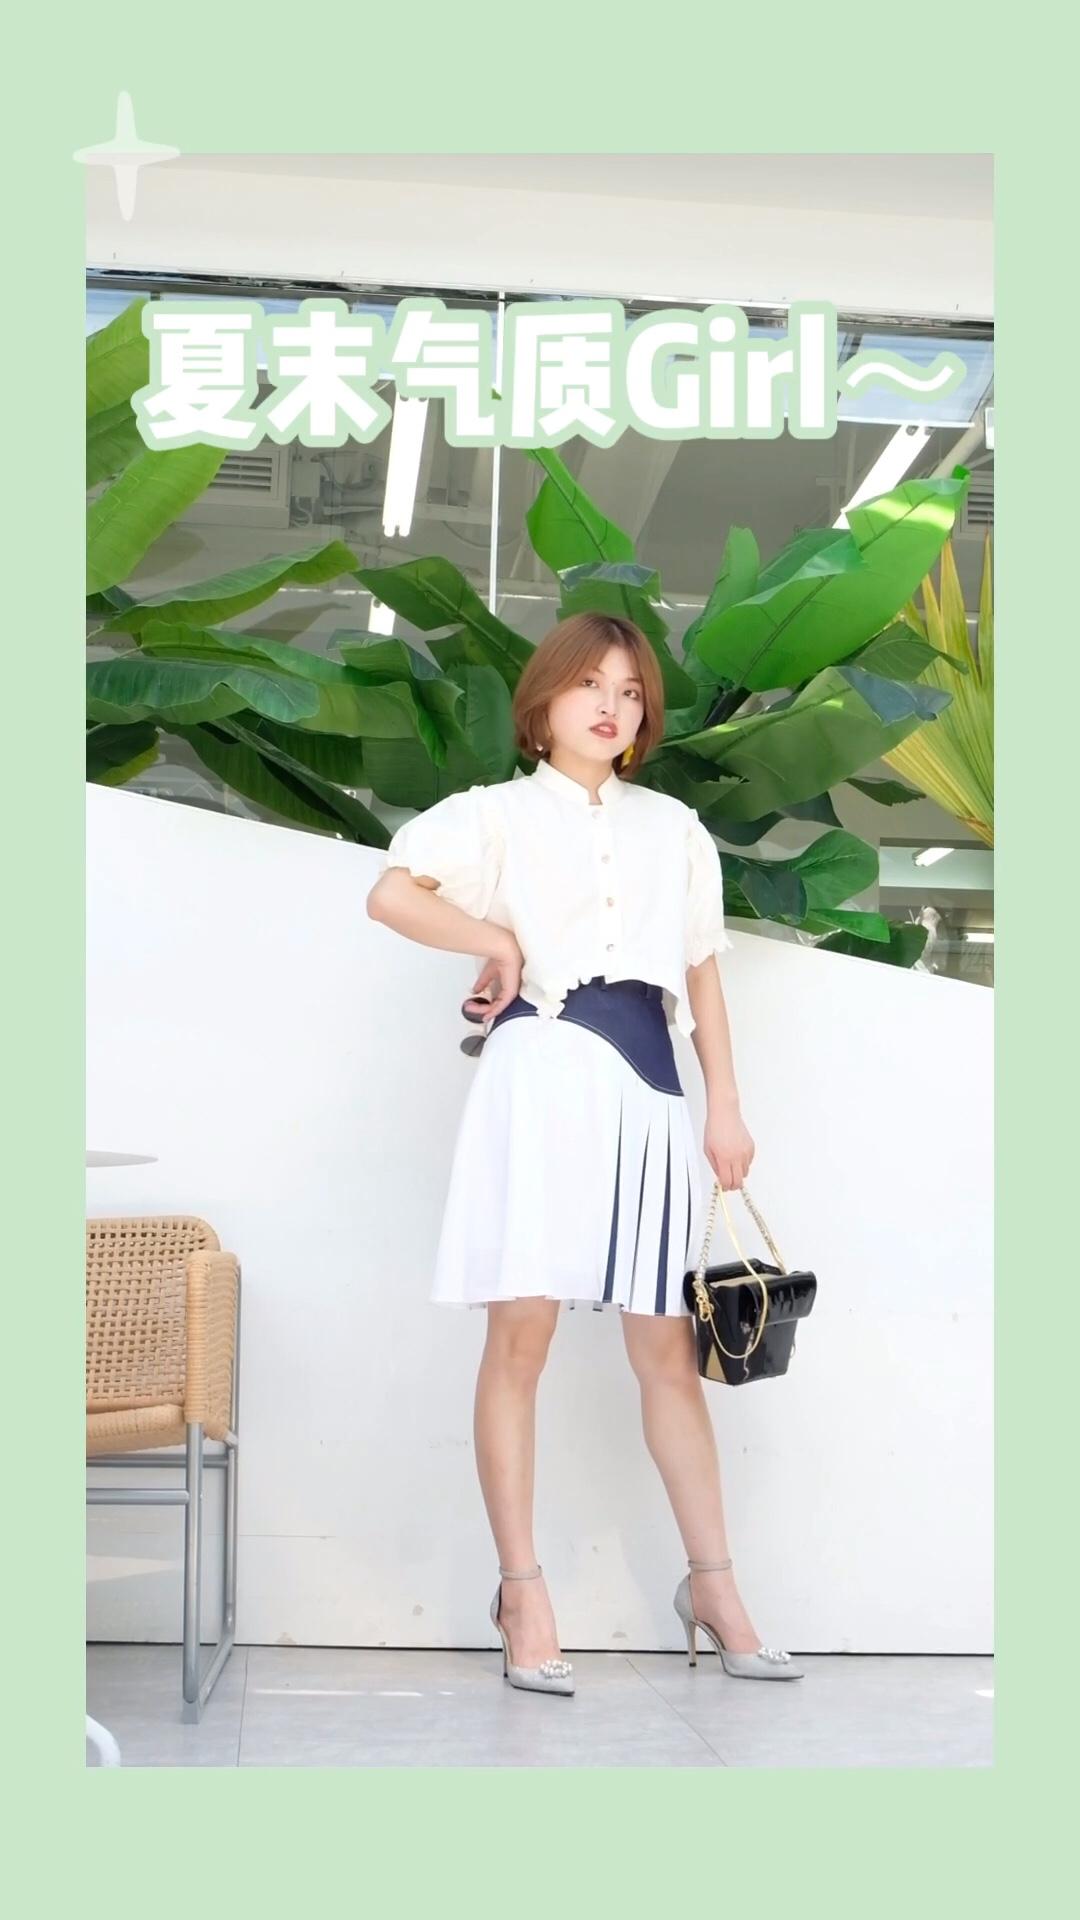 #蘑菇街新品测评# 简洁大方的白色衬衫 穿出满满优雅气质 搭配上拼色丝带半身裙 白色与白色的呼应 很适合去约会呀!